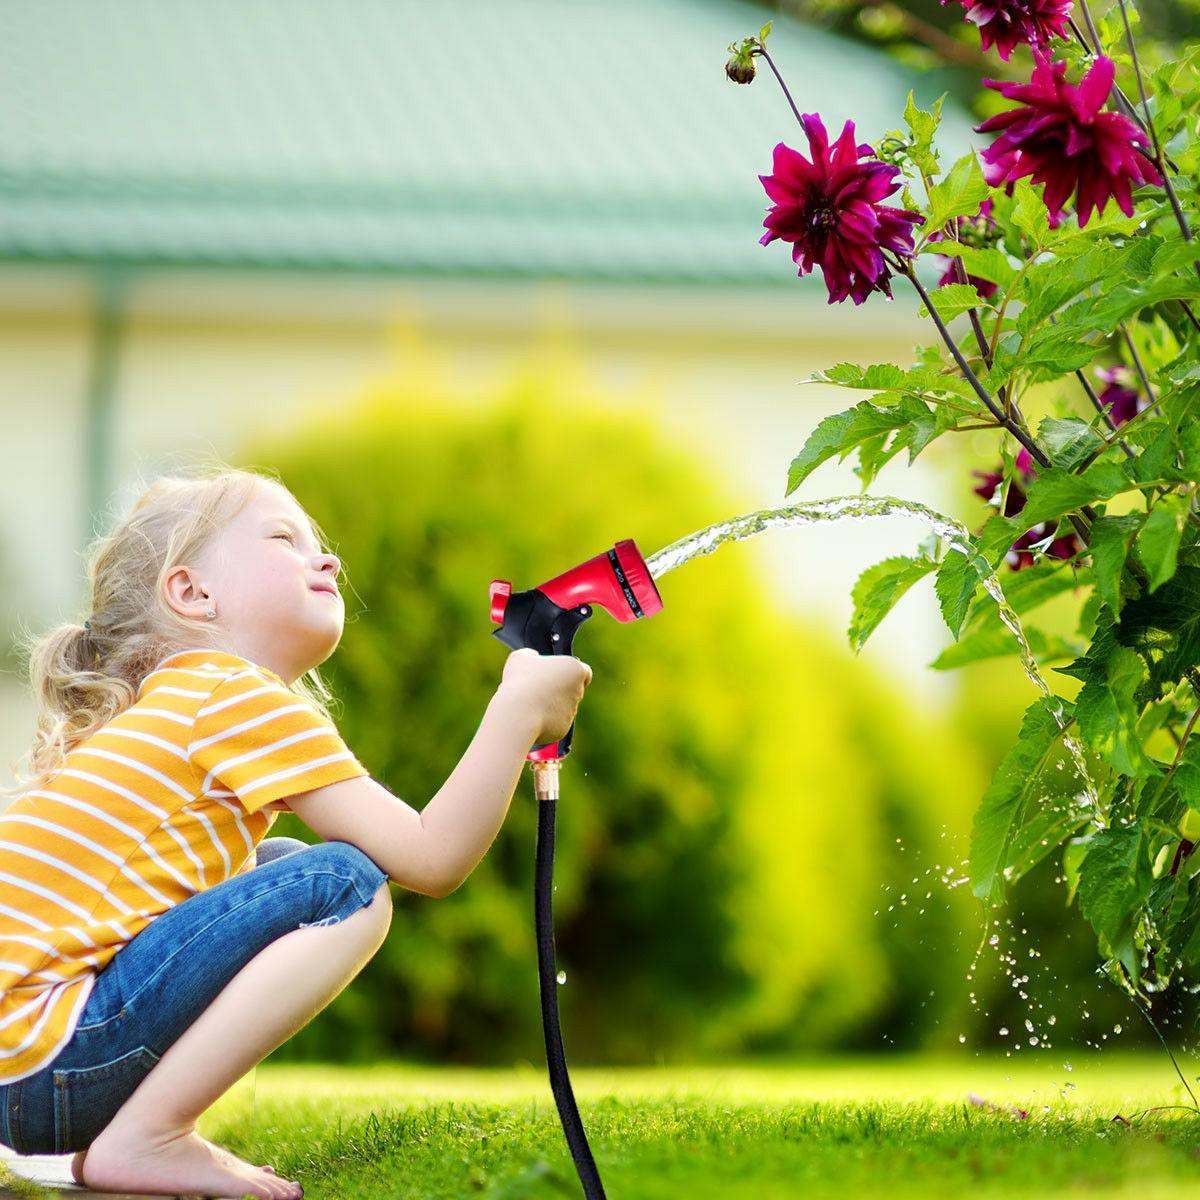 Garden Hose Pipe Expandable 9 Spray